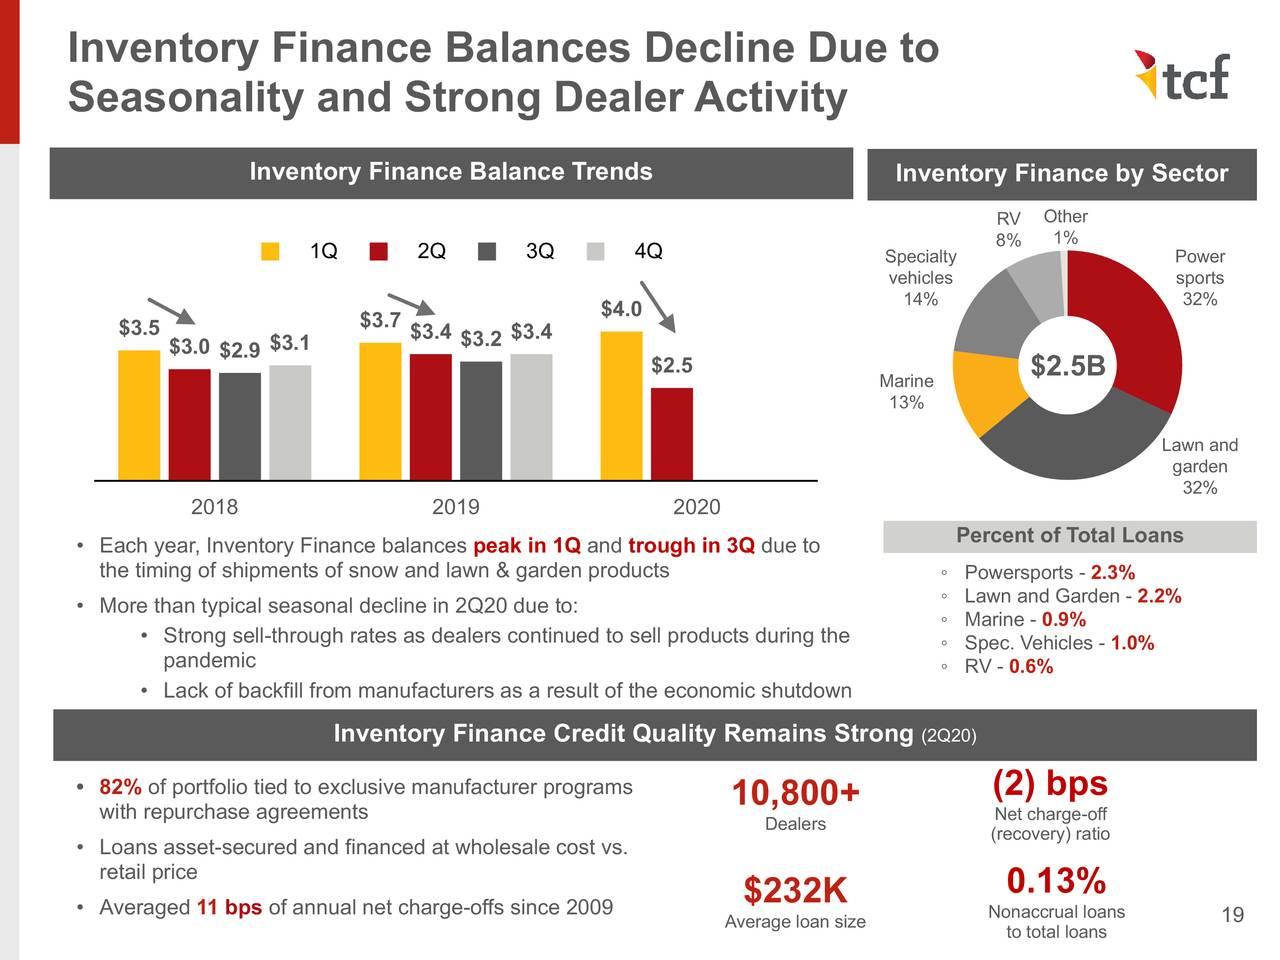 Disminución de los saldos de las finanzas de inventario debido a